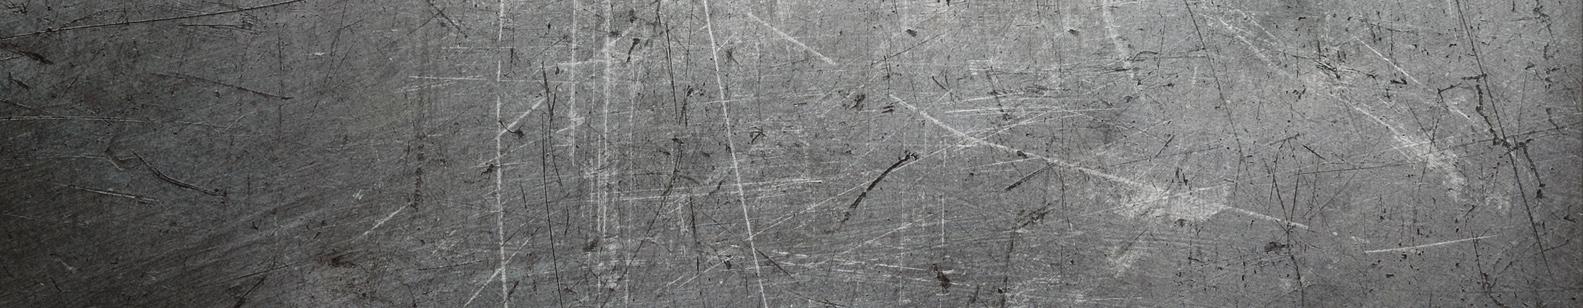 Lakštinio metalo žirklės  Pažangios, aukštos kokybės lakštinio metalo žirklės